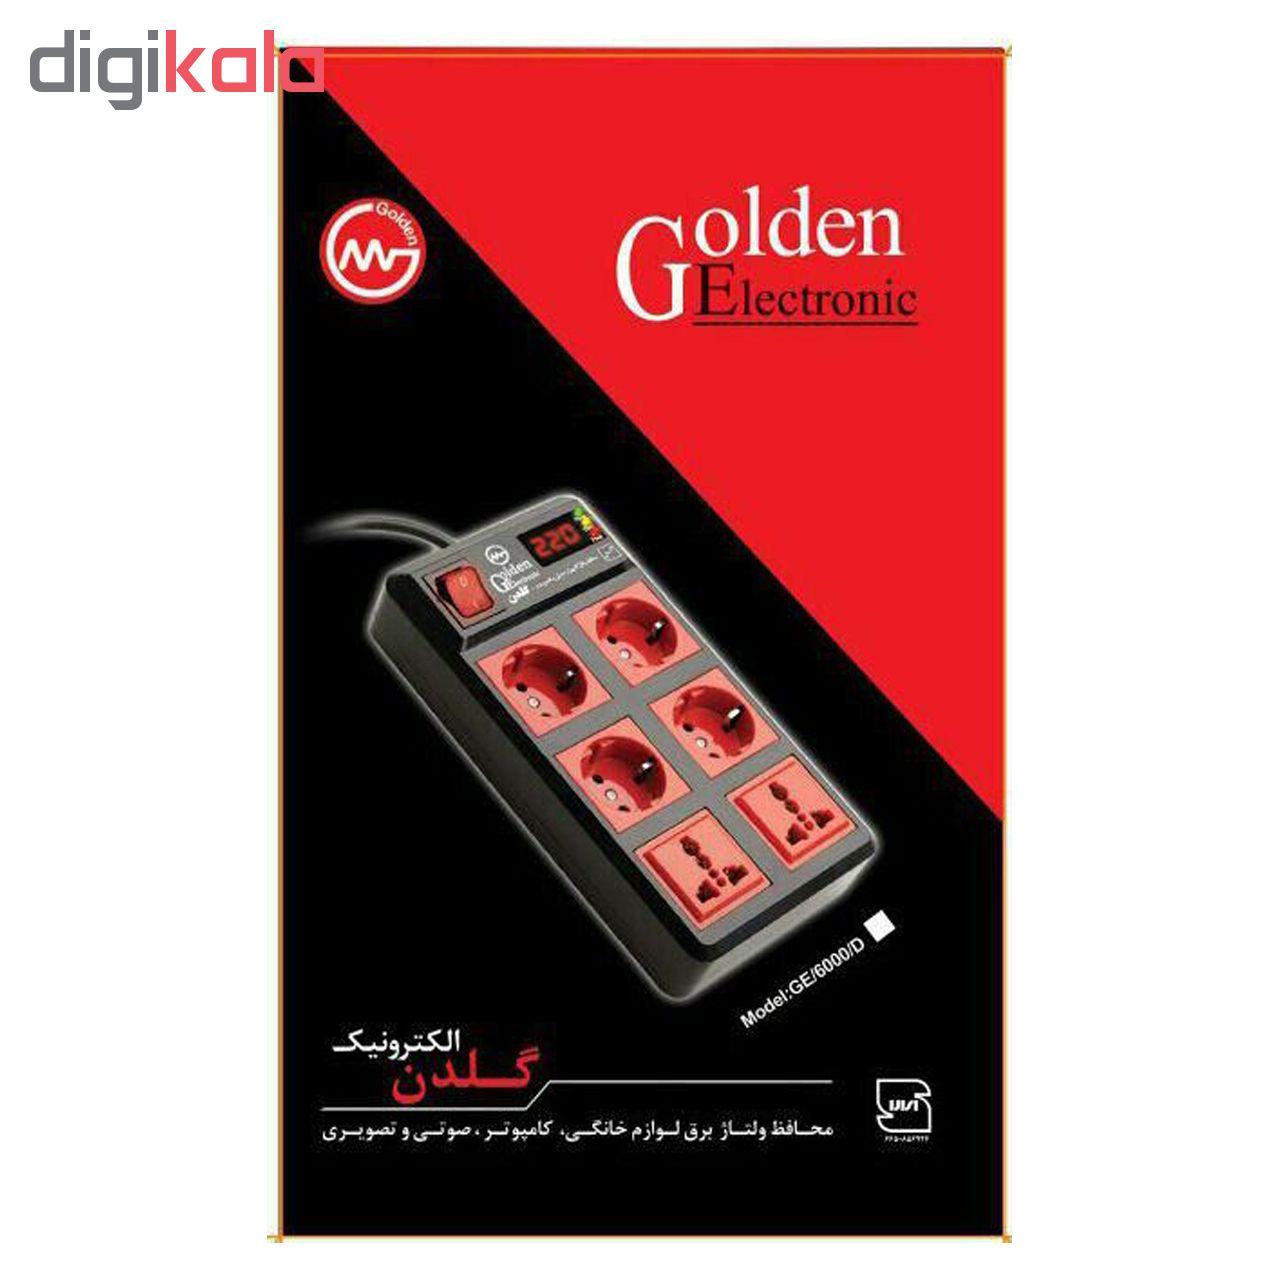 خرید اینترنتی محافظ ولتاژ گلدن الکترونیک مدل GE6000A اورجینال